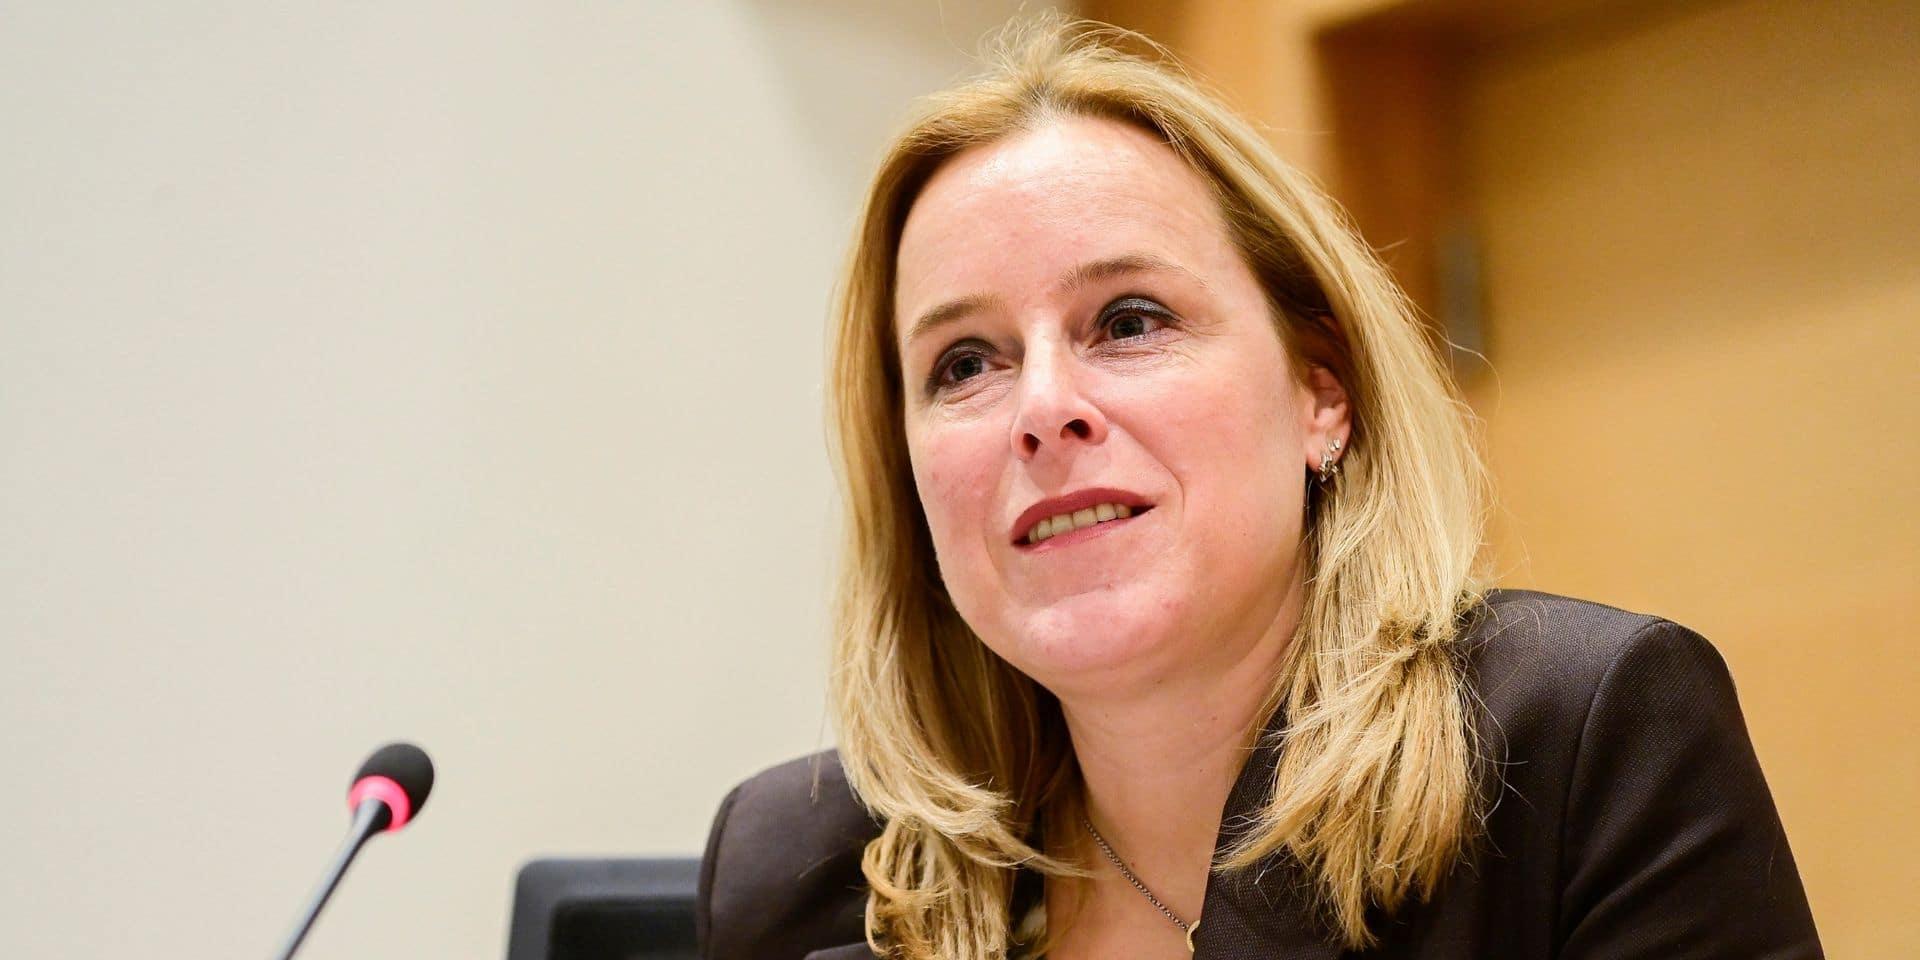 L'introduction d'une taxe carbone sera discutée au sein du gouvernement, affirme De Bleeker